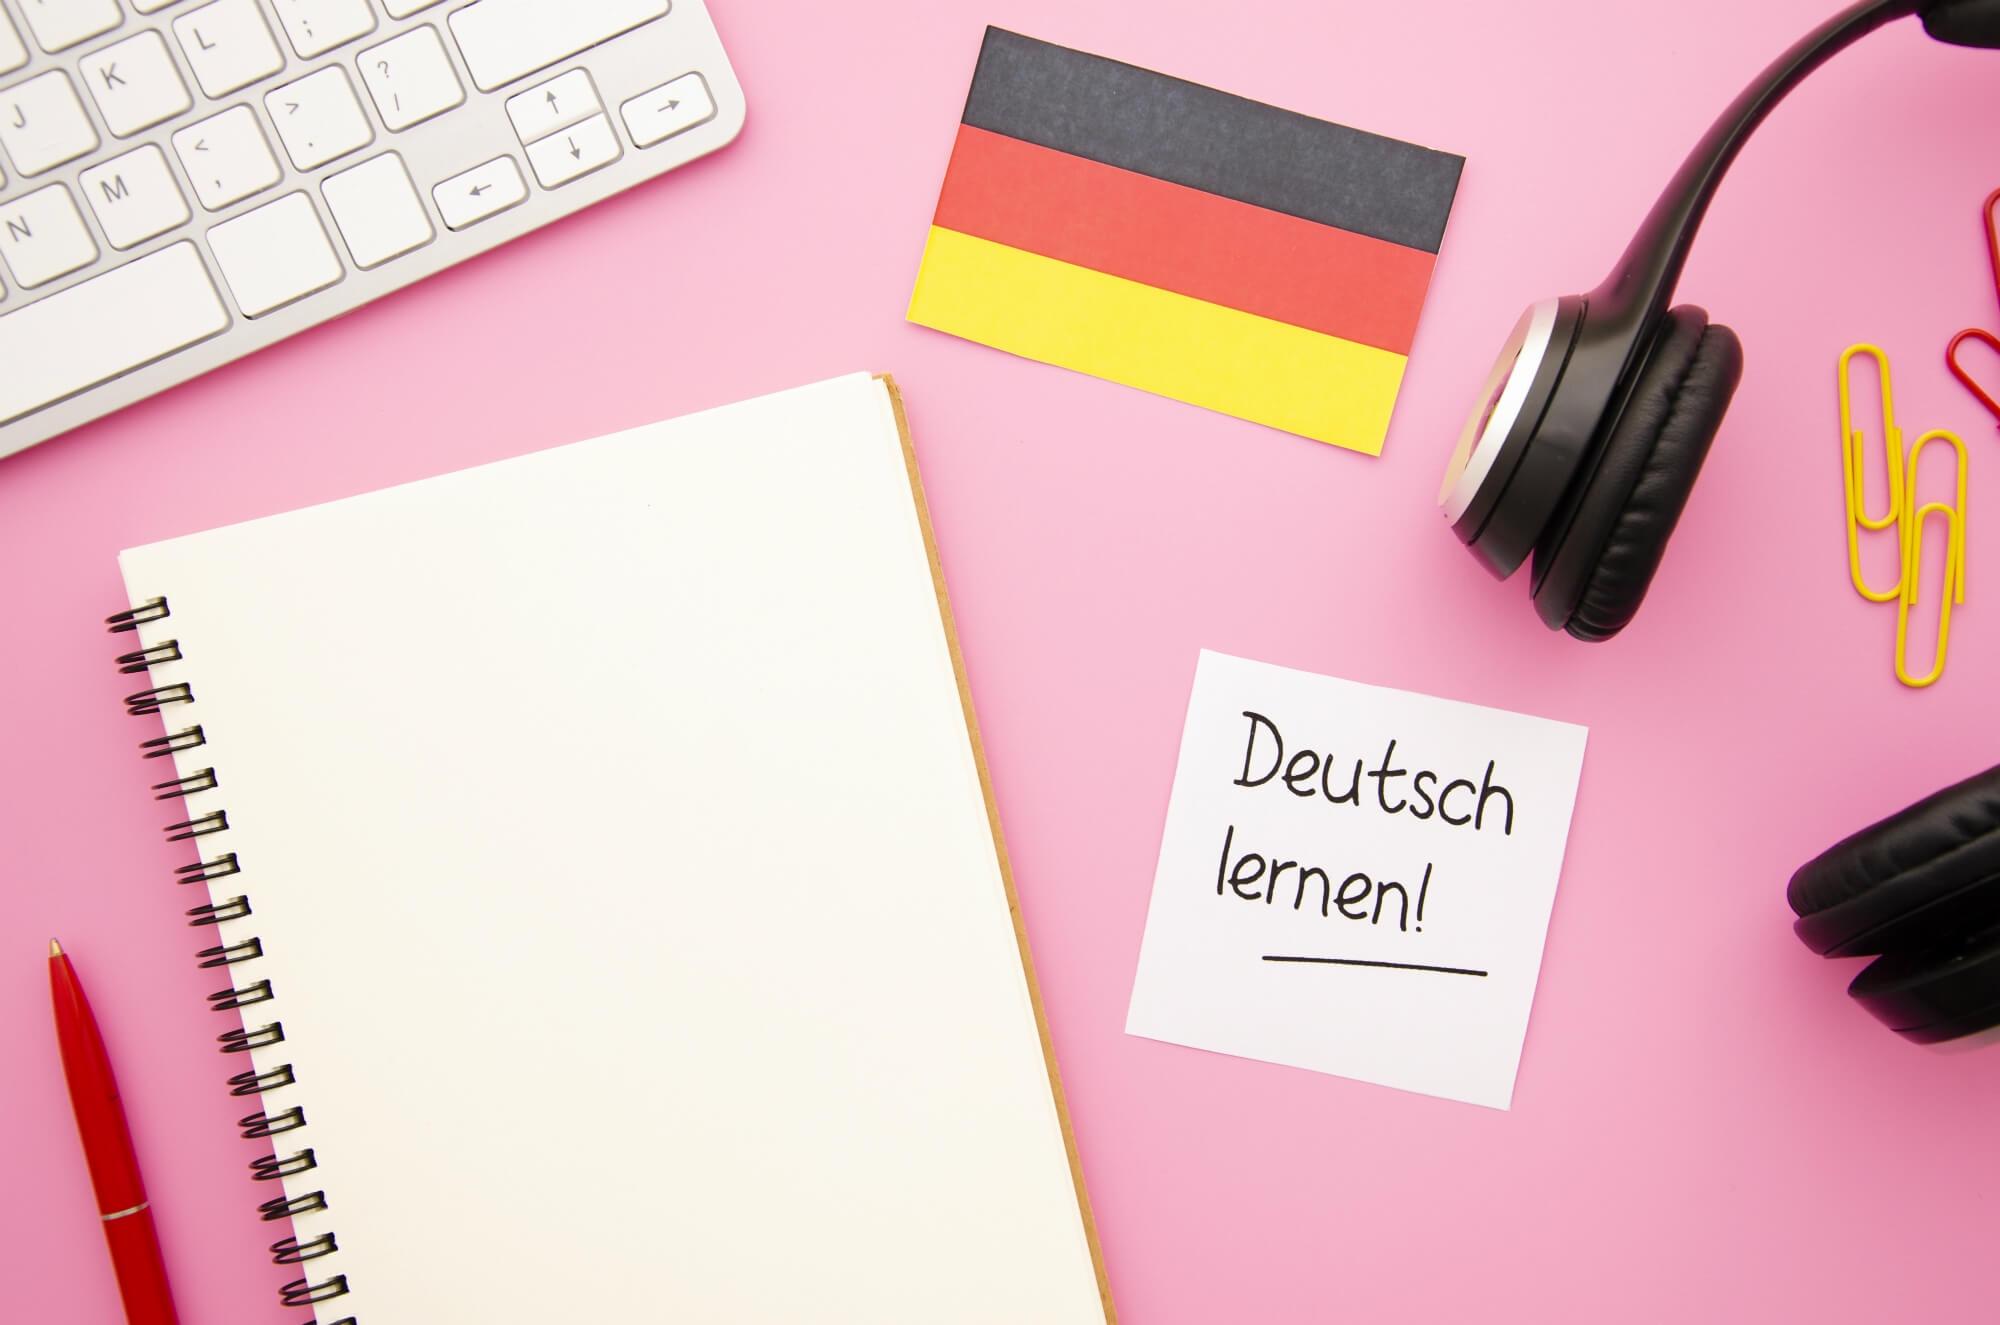 الفرق بين اللغة الهولندية والالمانية